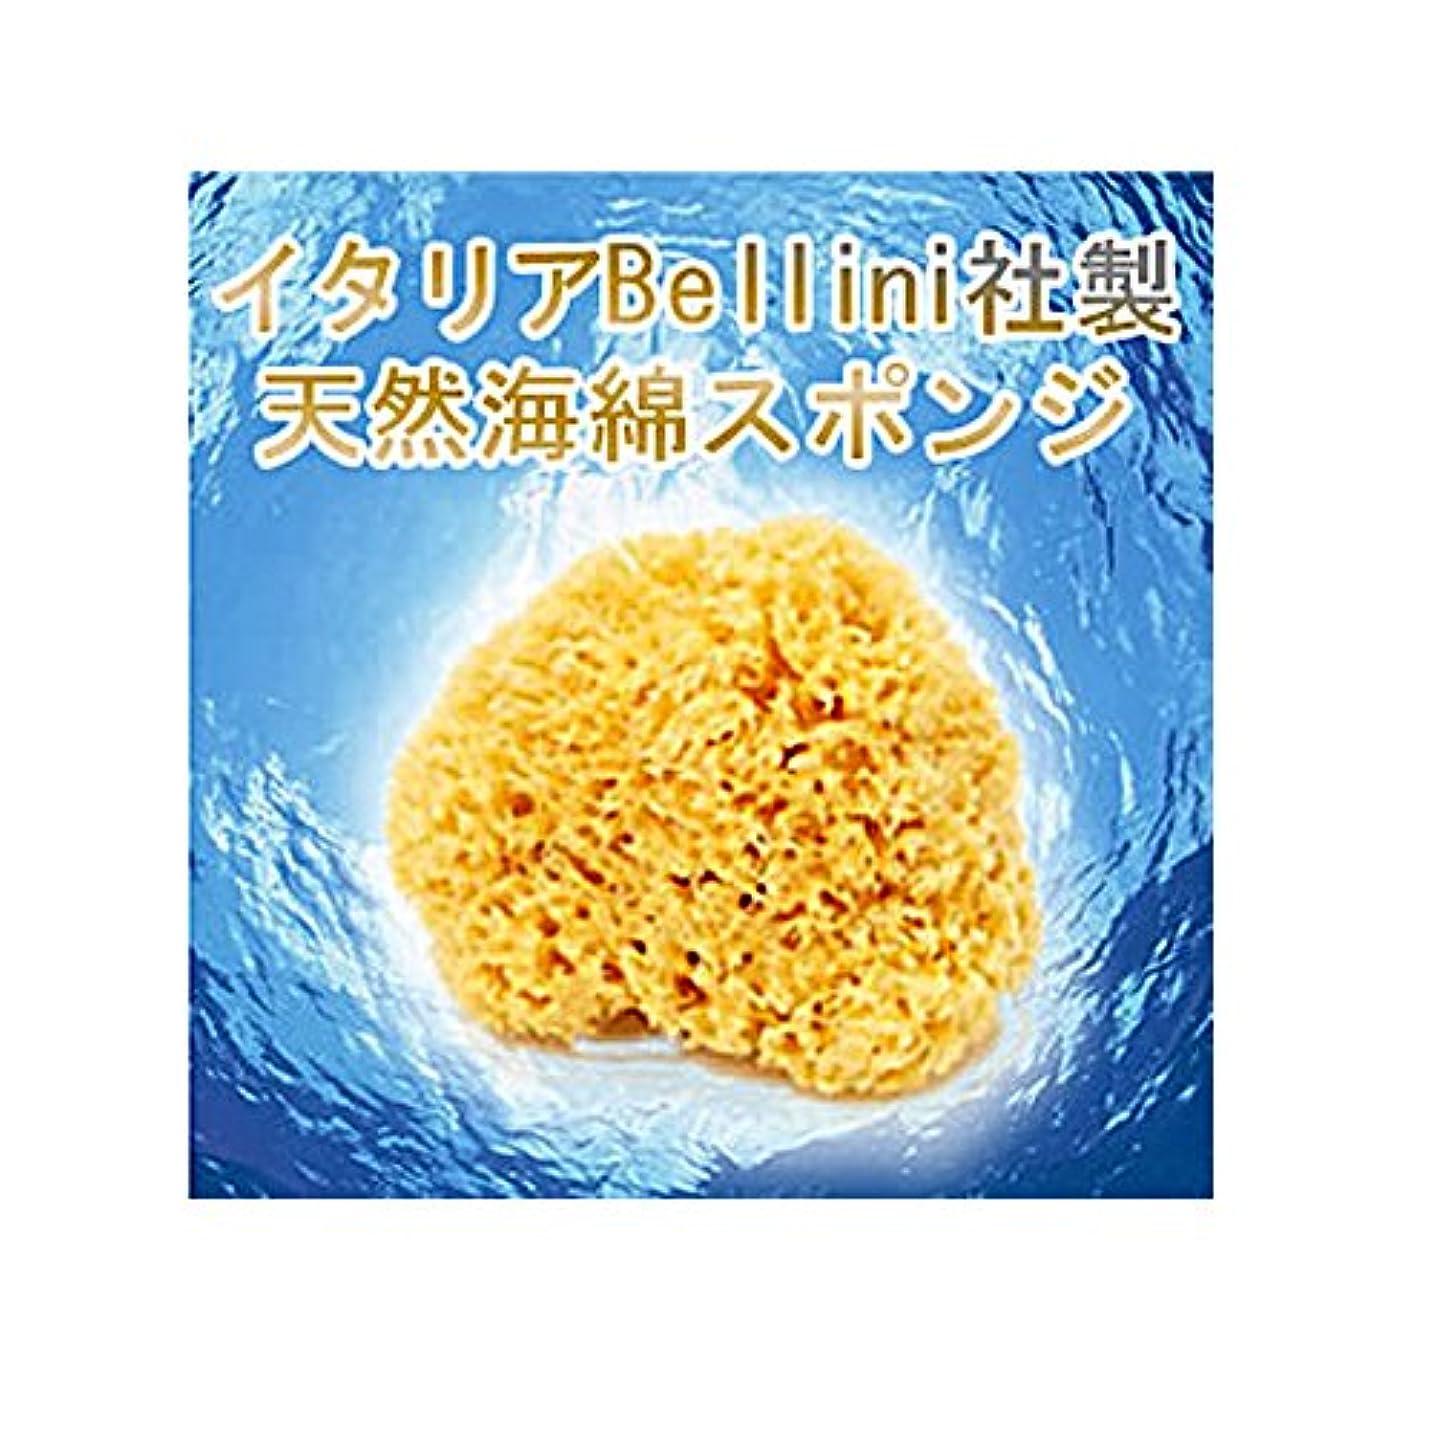 カポックいつでもむしゃむしゃイタリア産最高級天然海綿ハニコム種(16cm)